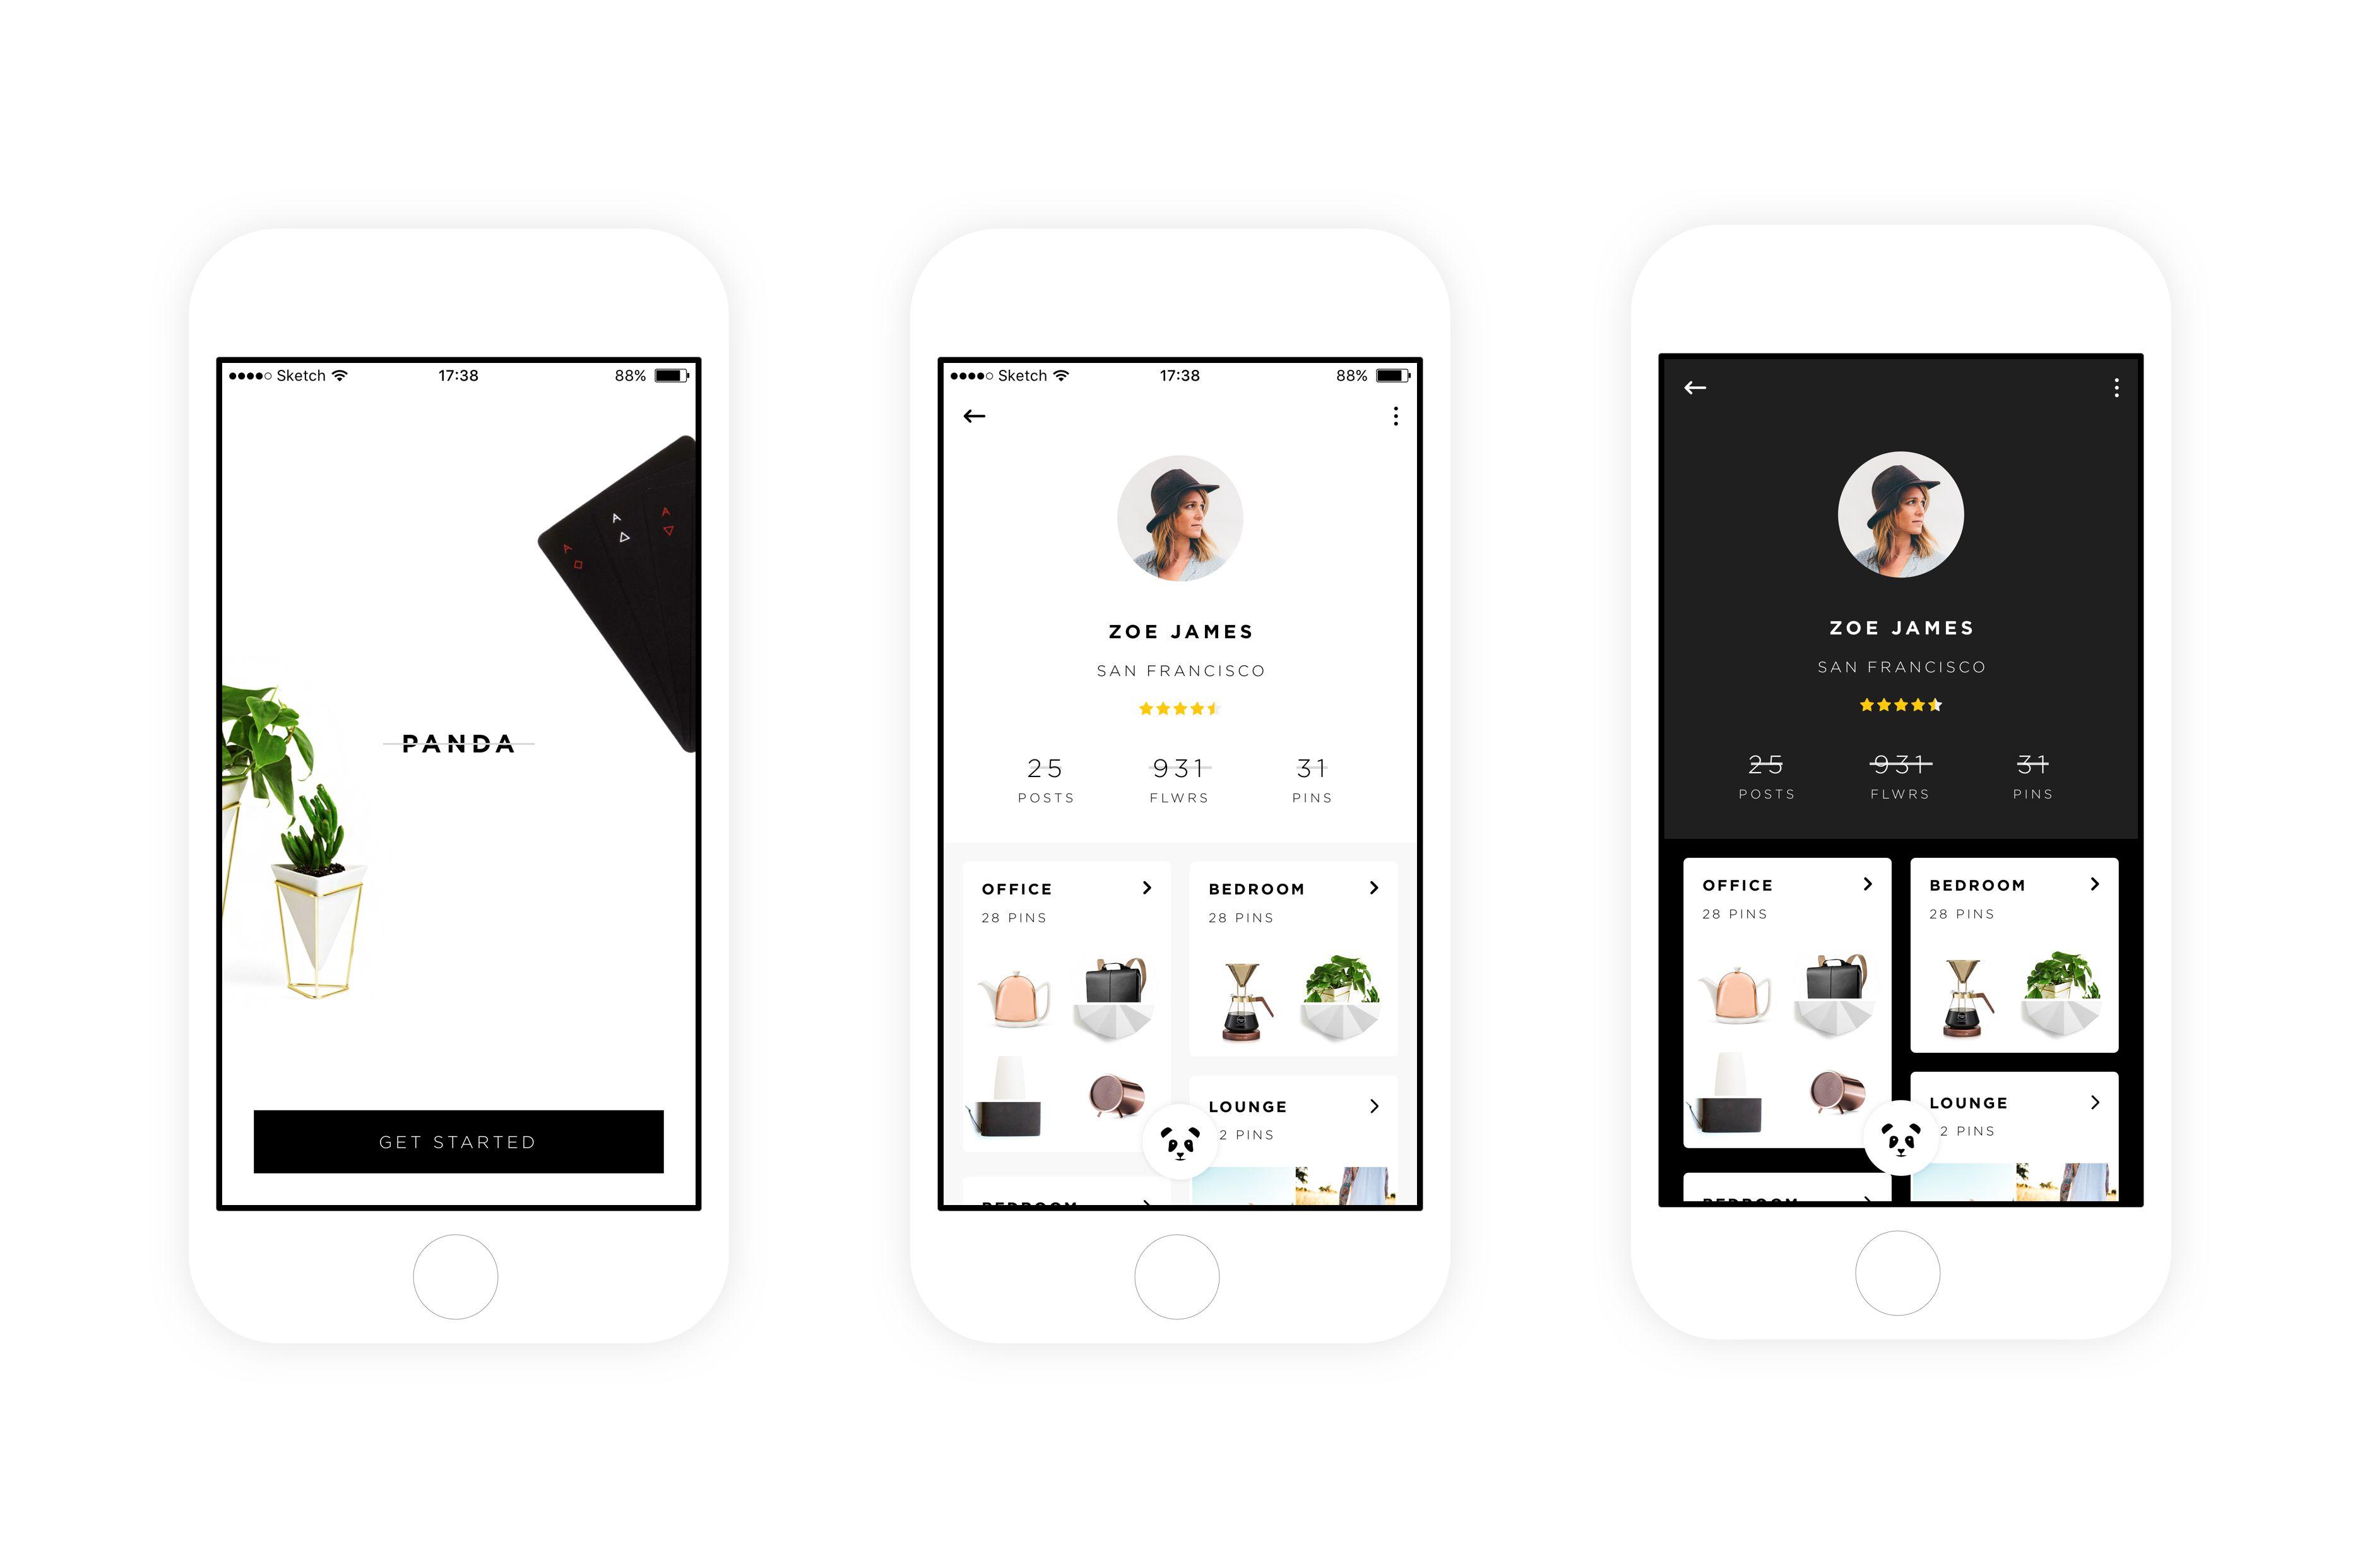 Panda app full